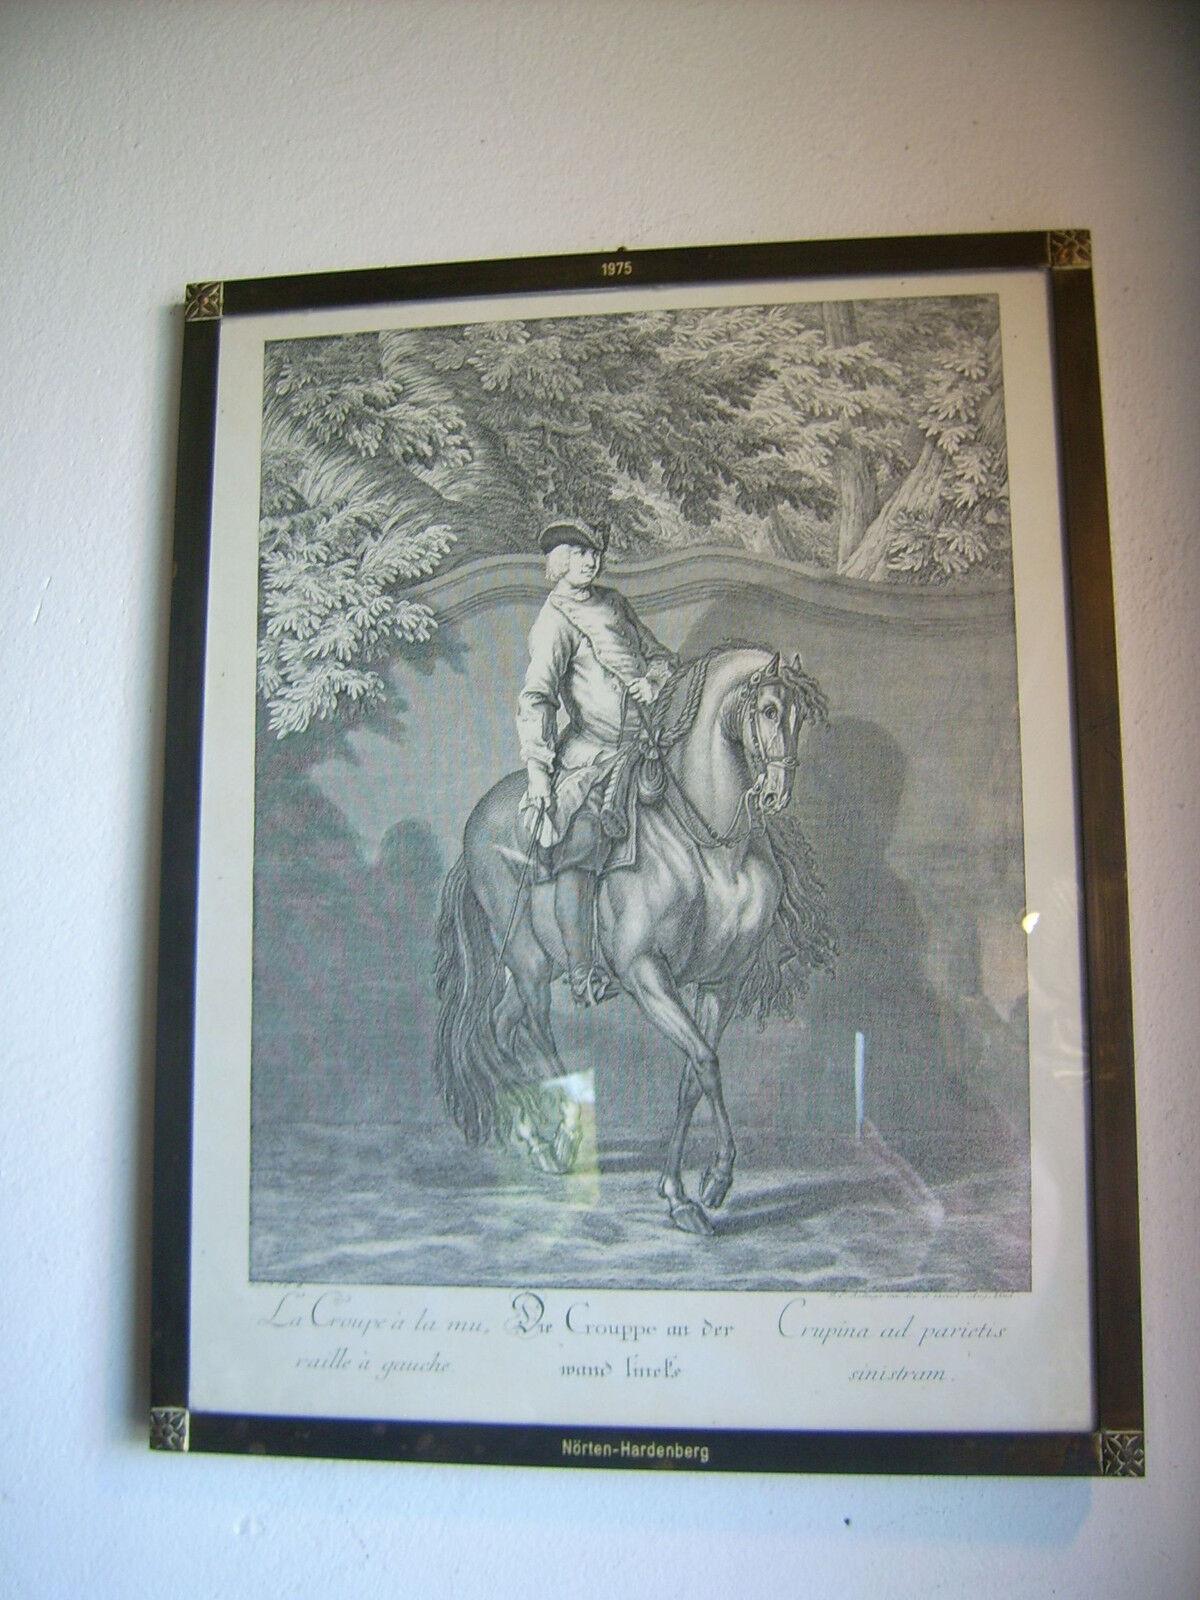 Cheval, équitation, Jodhpur, Image, dressage, dressage, dressage, collectionneurs, idée cadeau e39a3d